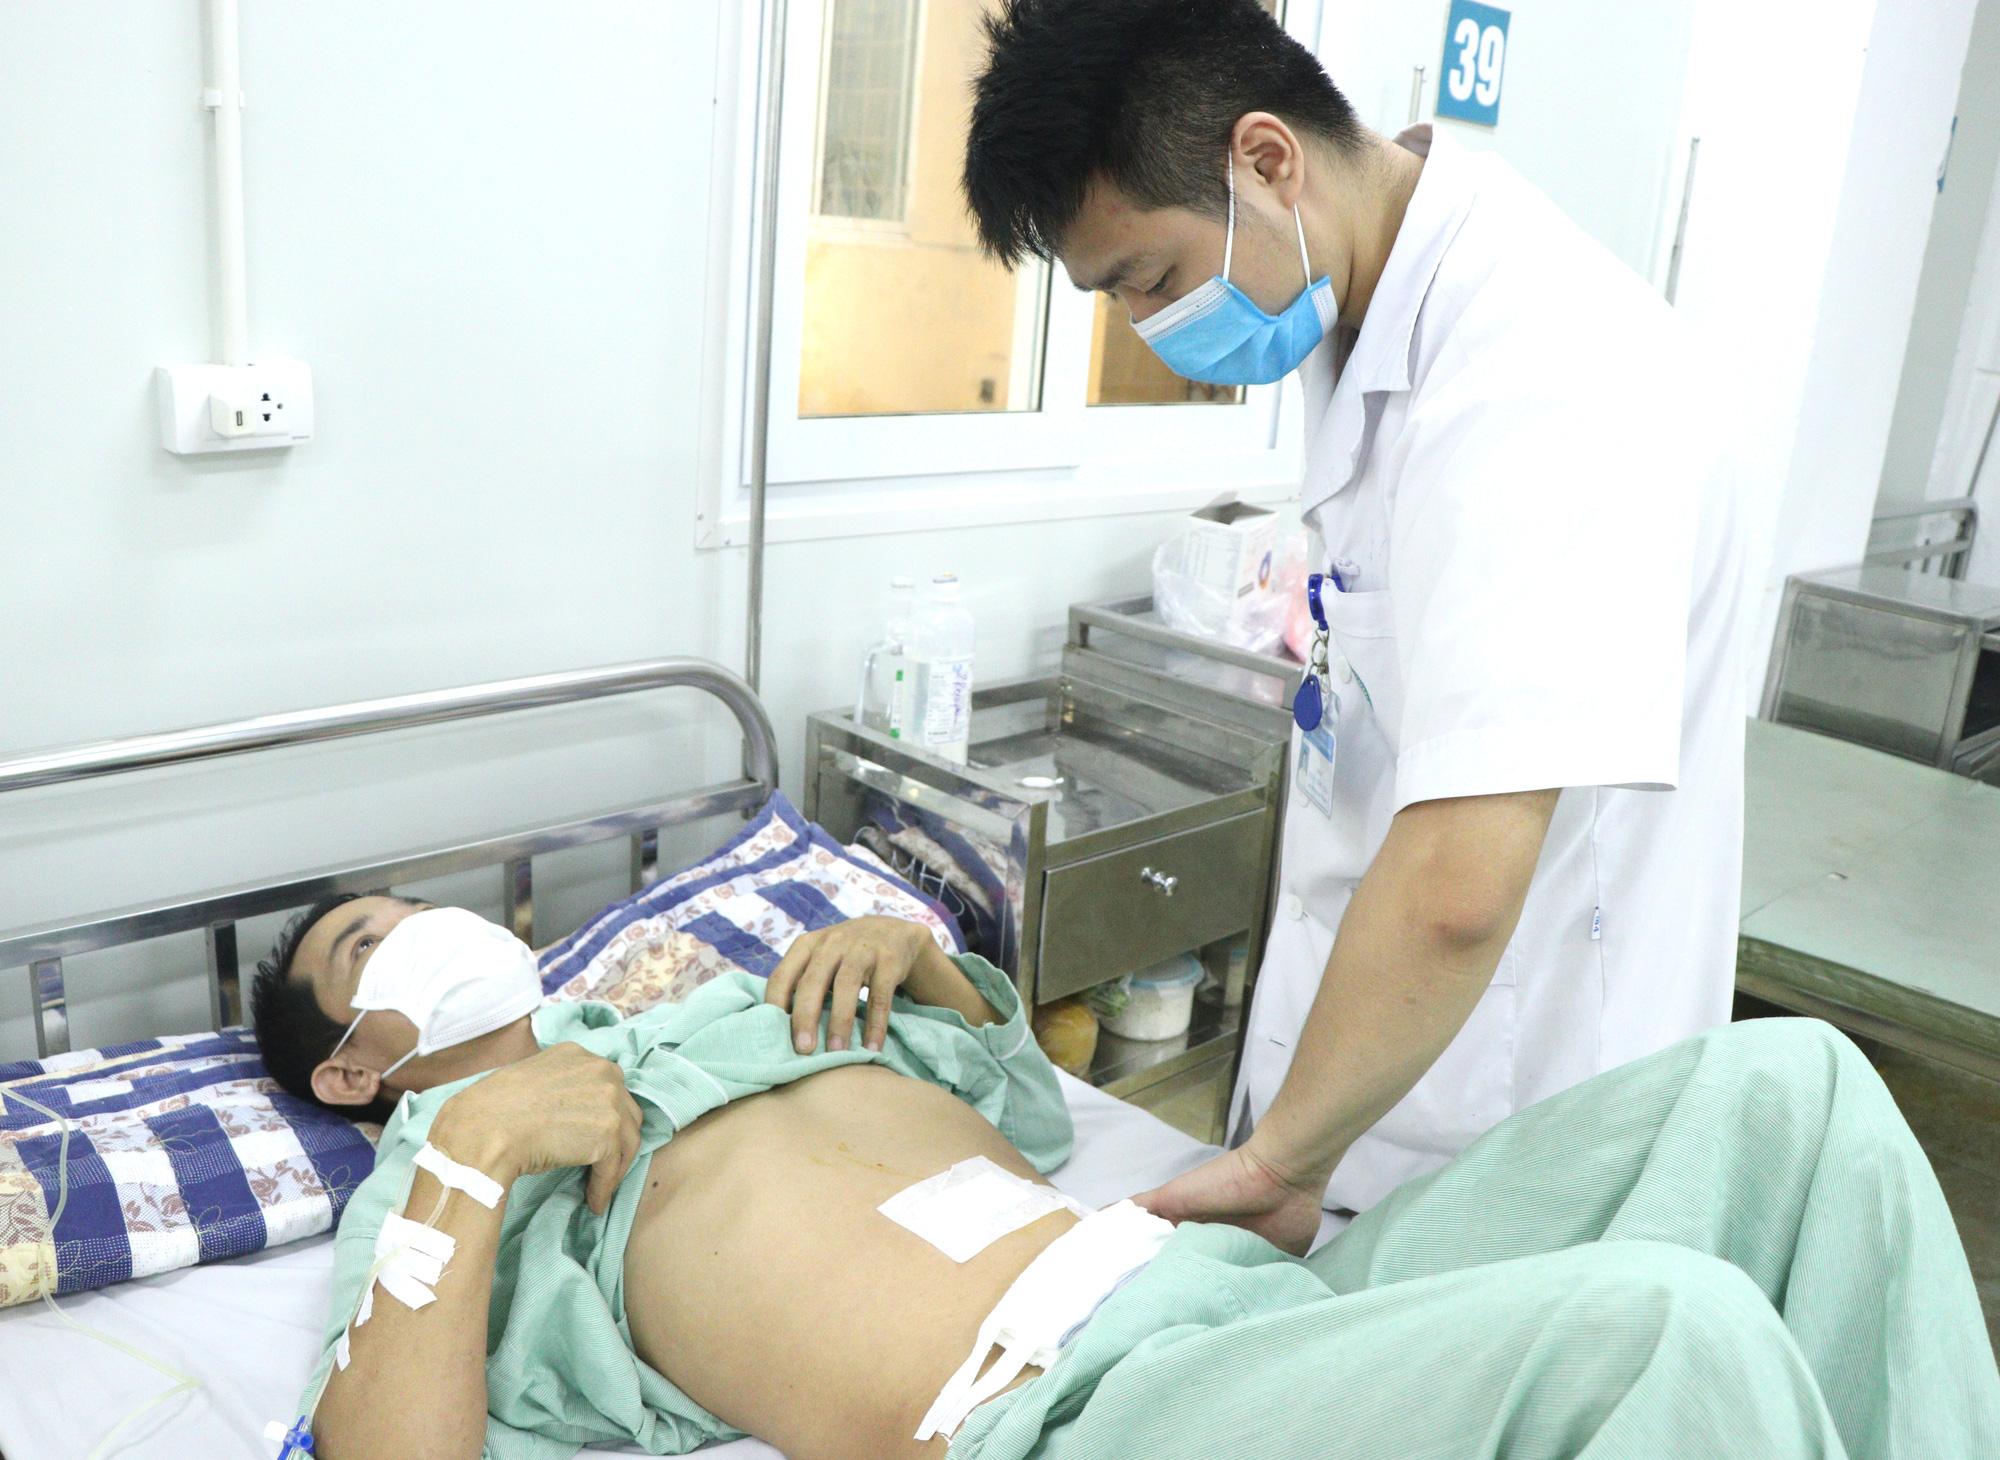 Nuốt nhầm xương cá khi ăn, bệnh nhân phải cắt bỏ đoạn ruột non-2